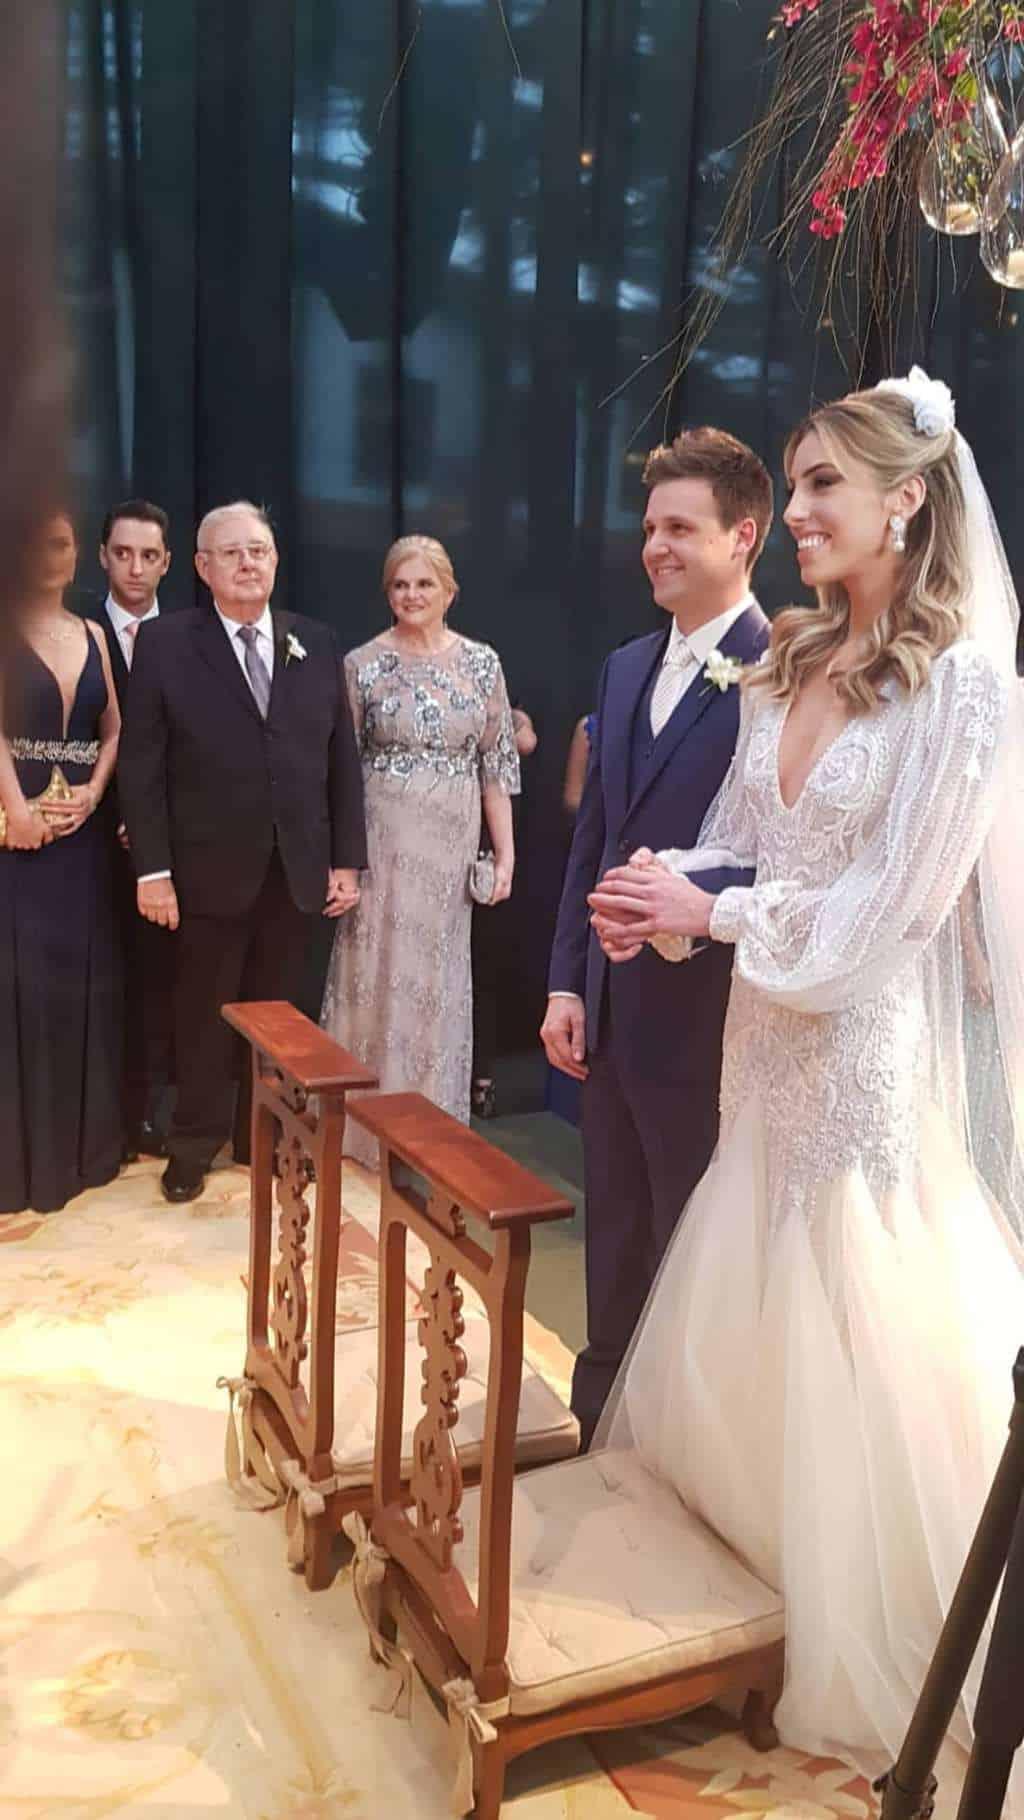 casamento-casamento-de-dia-cerimônia-Cissa-Sannomiya-Clube-Hipico-de-Santo-Amaro-marina-e-josé-Miguel-Kanashiro-casamento-12